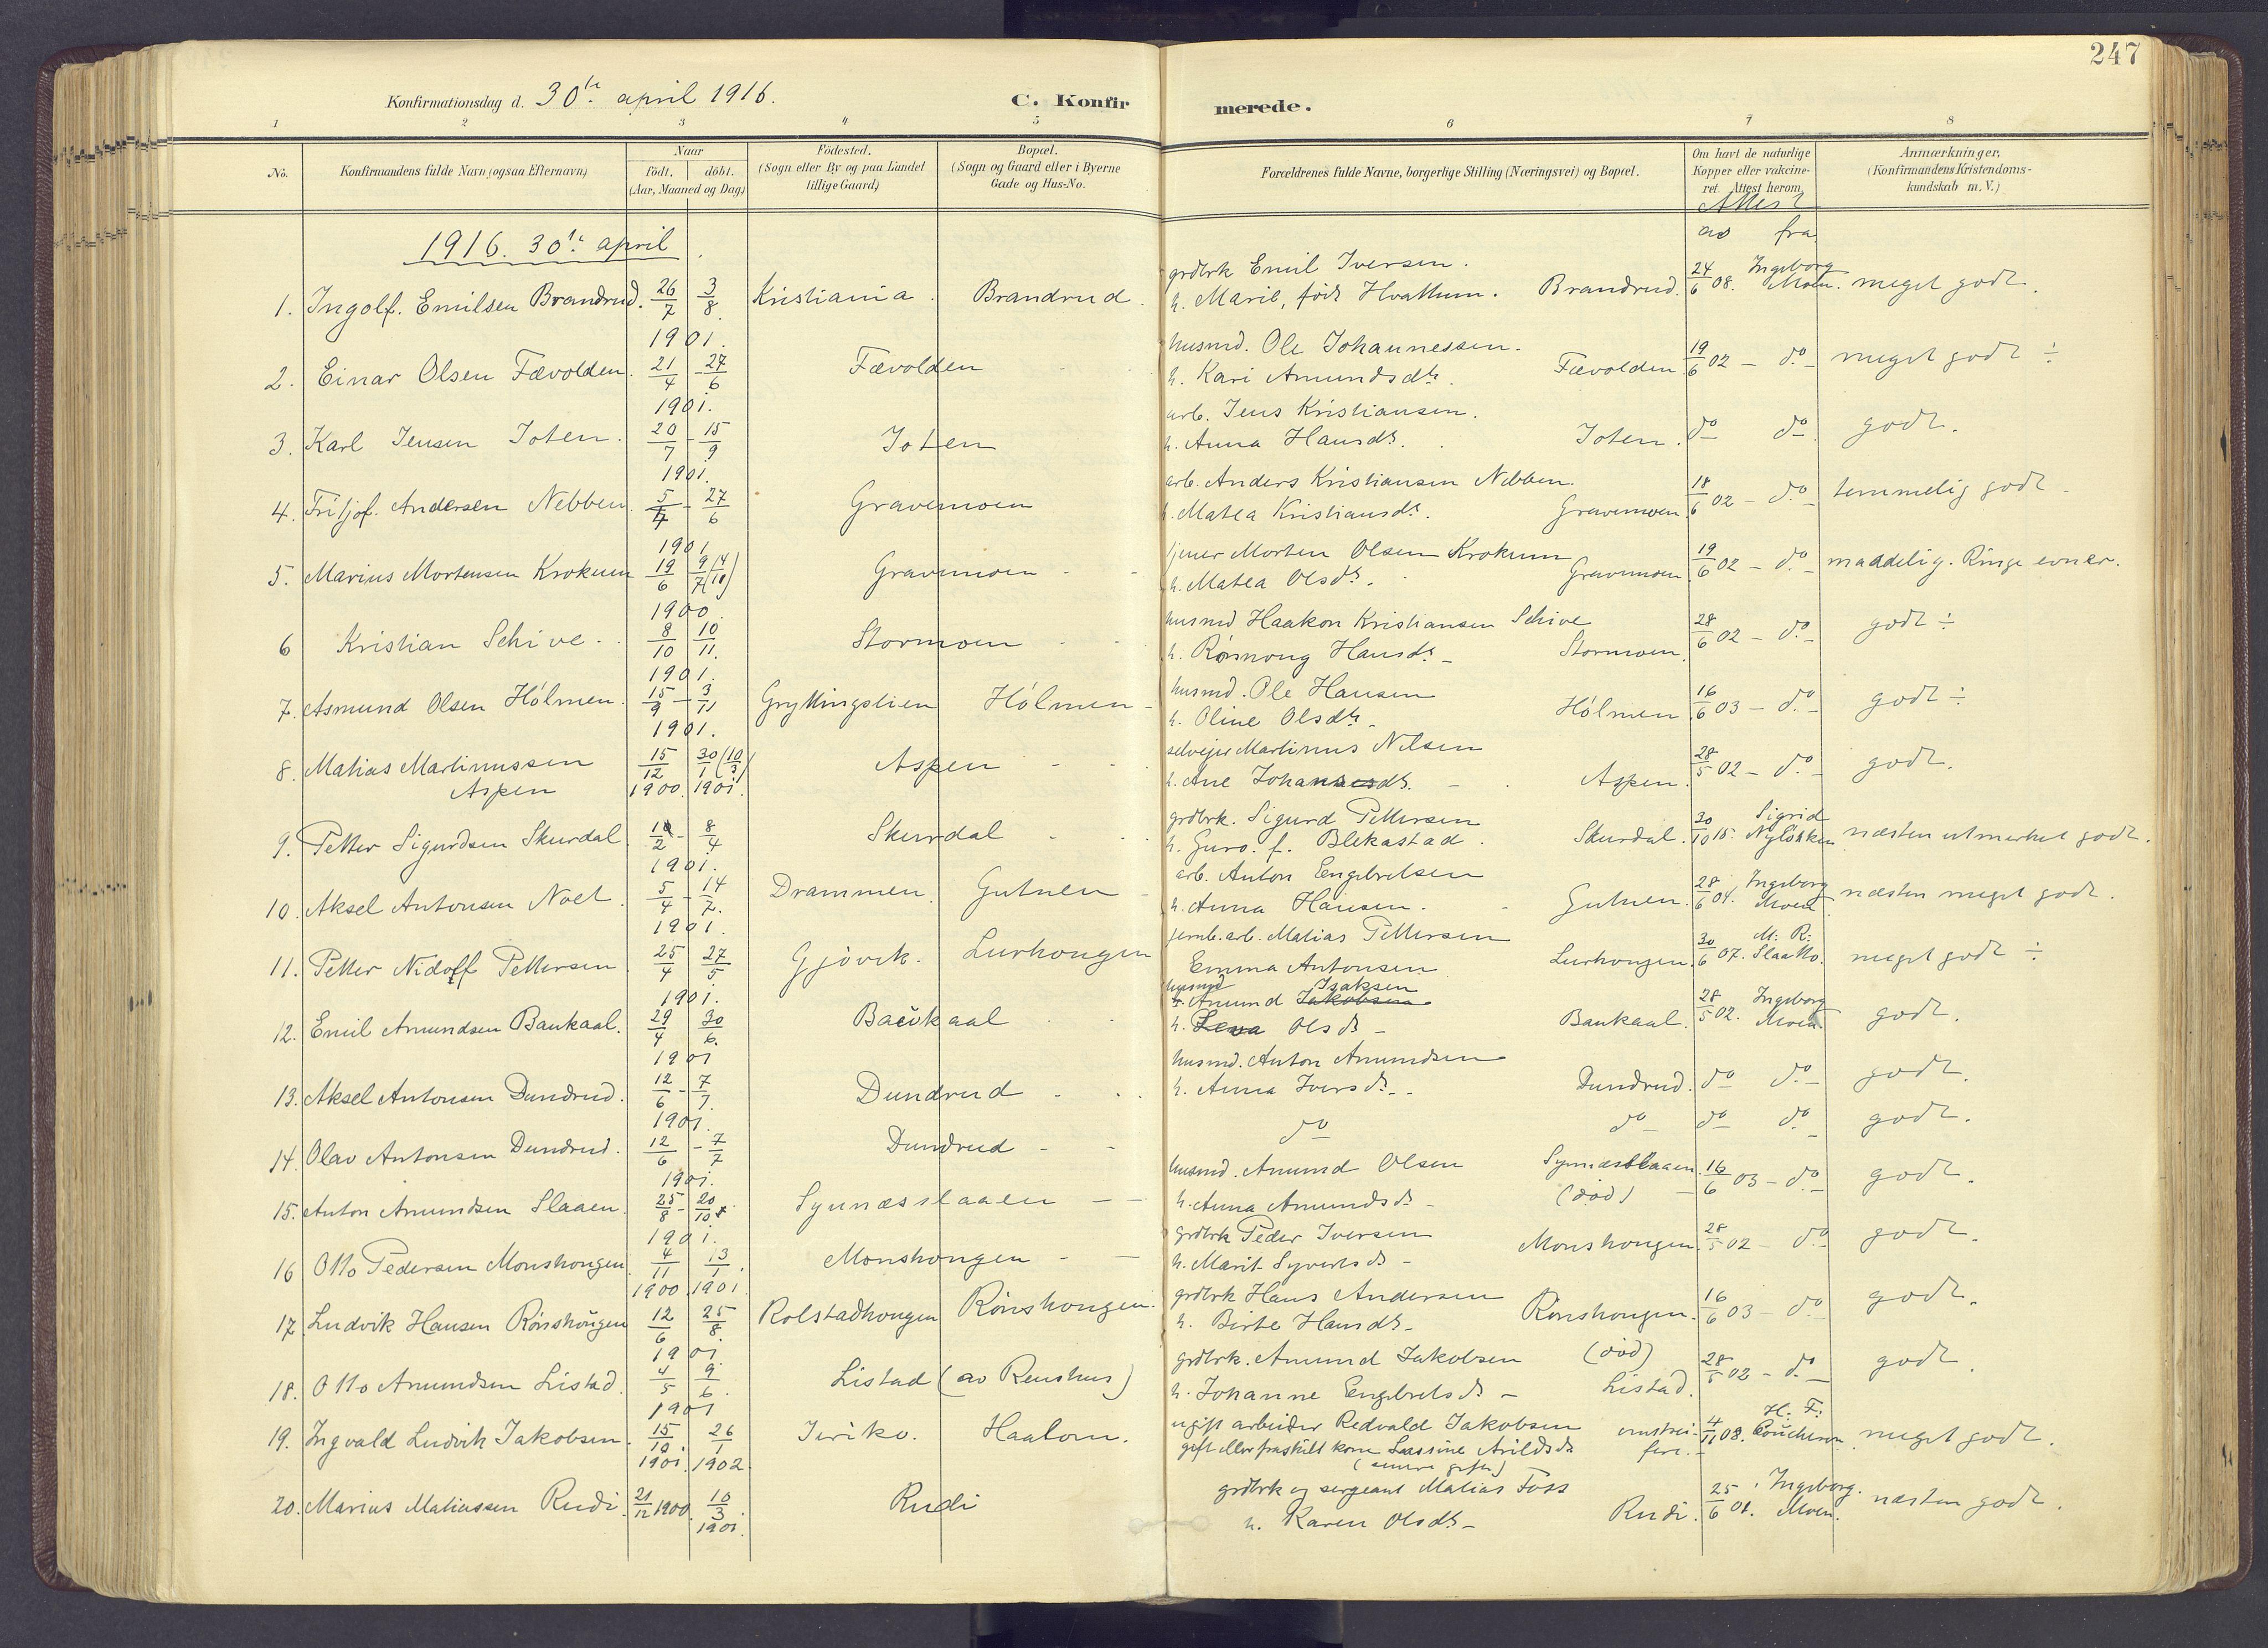 SAH, Sør-Fron prestekontor, H/Ha/Haa/L0004: Ministerialbok nr. 4, 1898-1919, s. 247